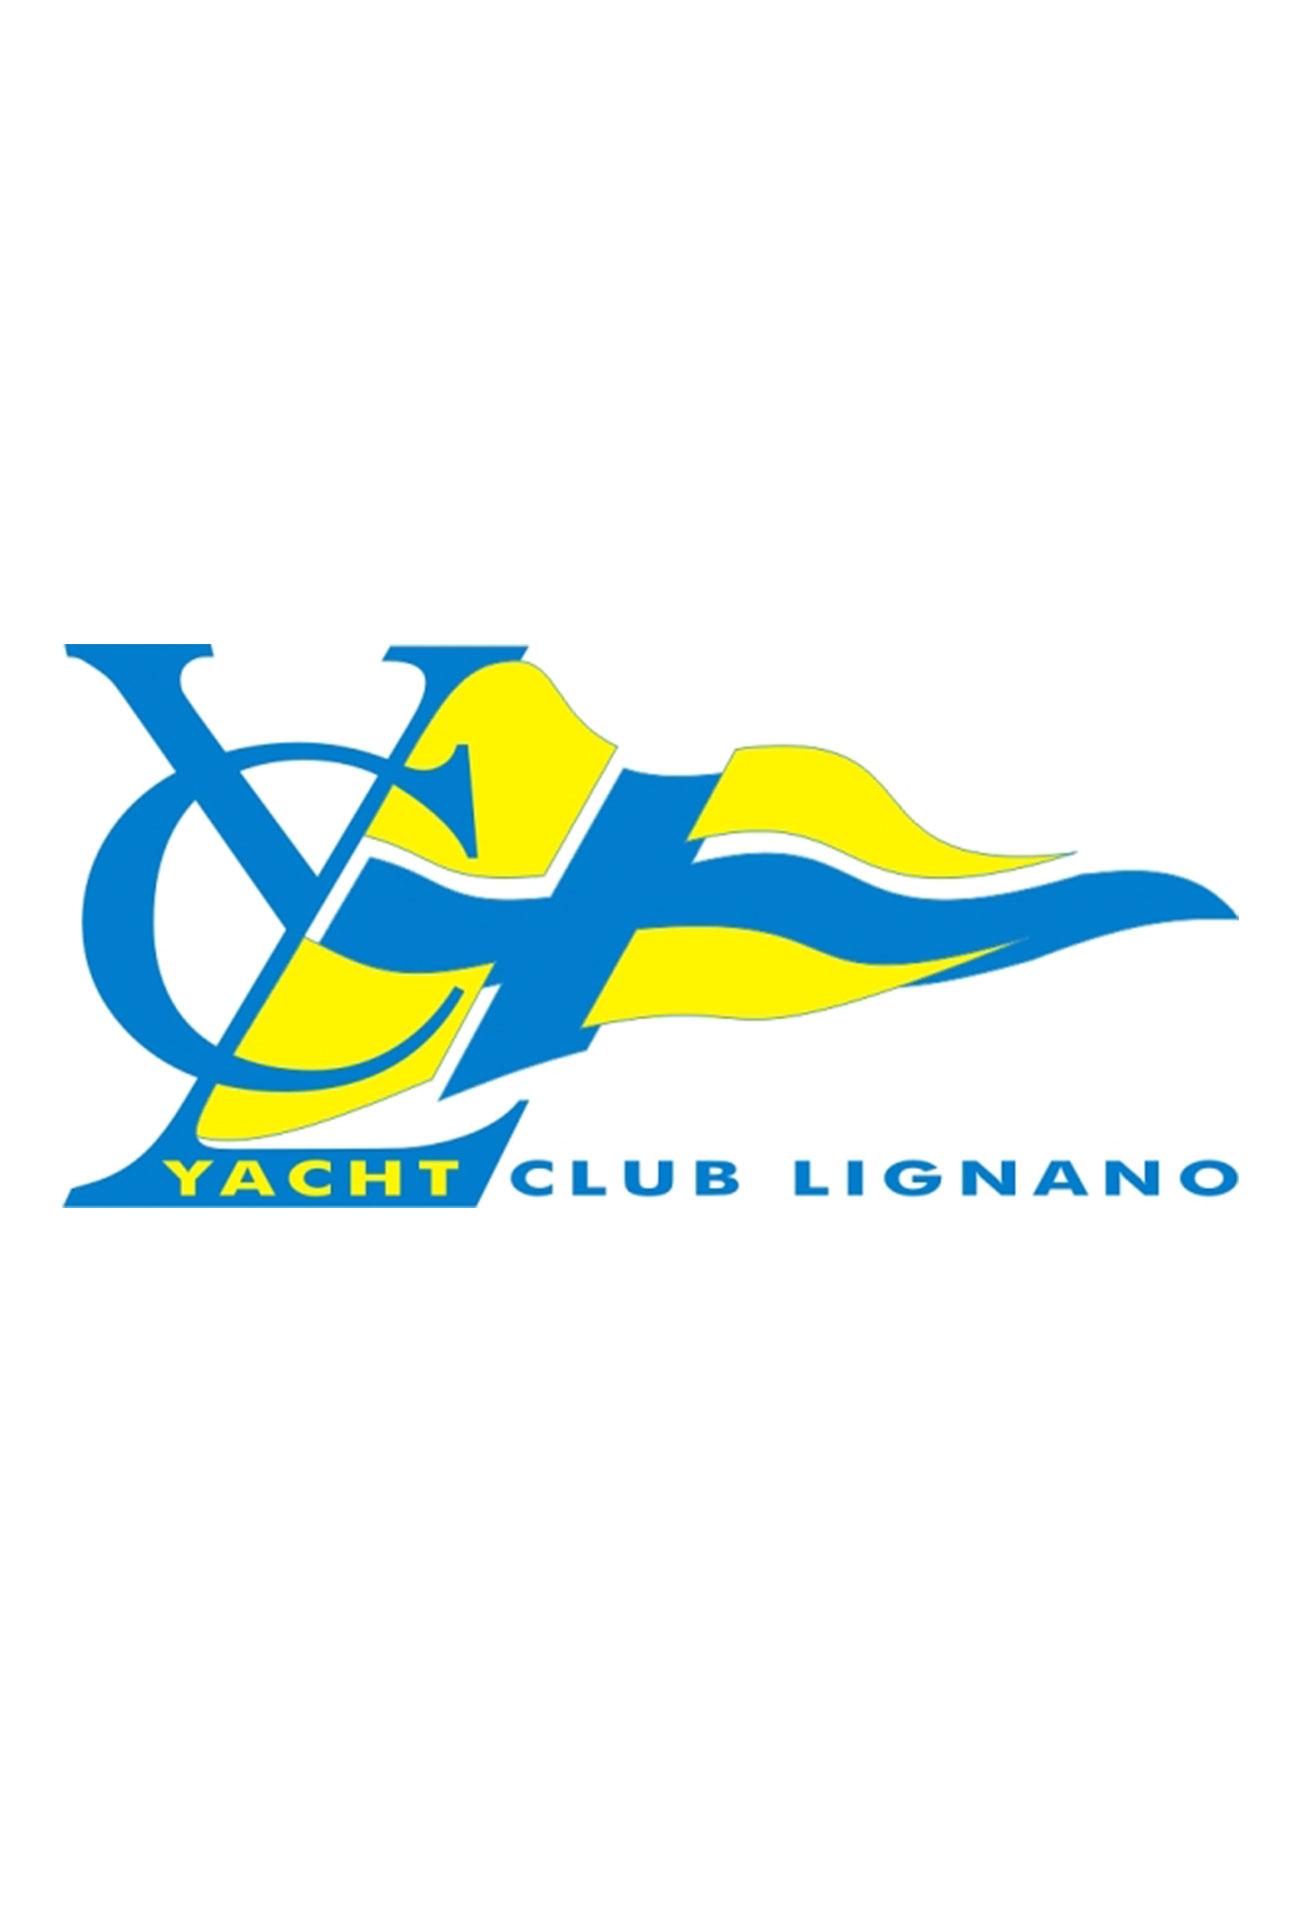 yclignano_p